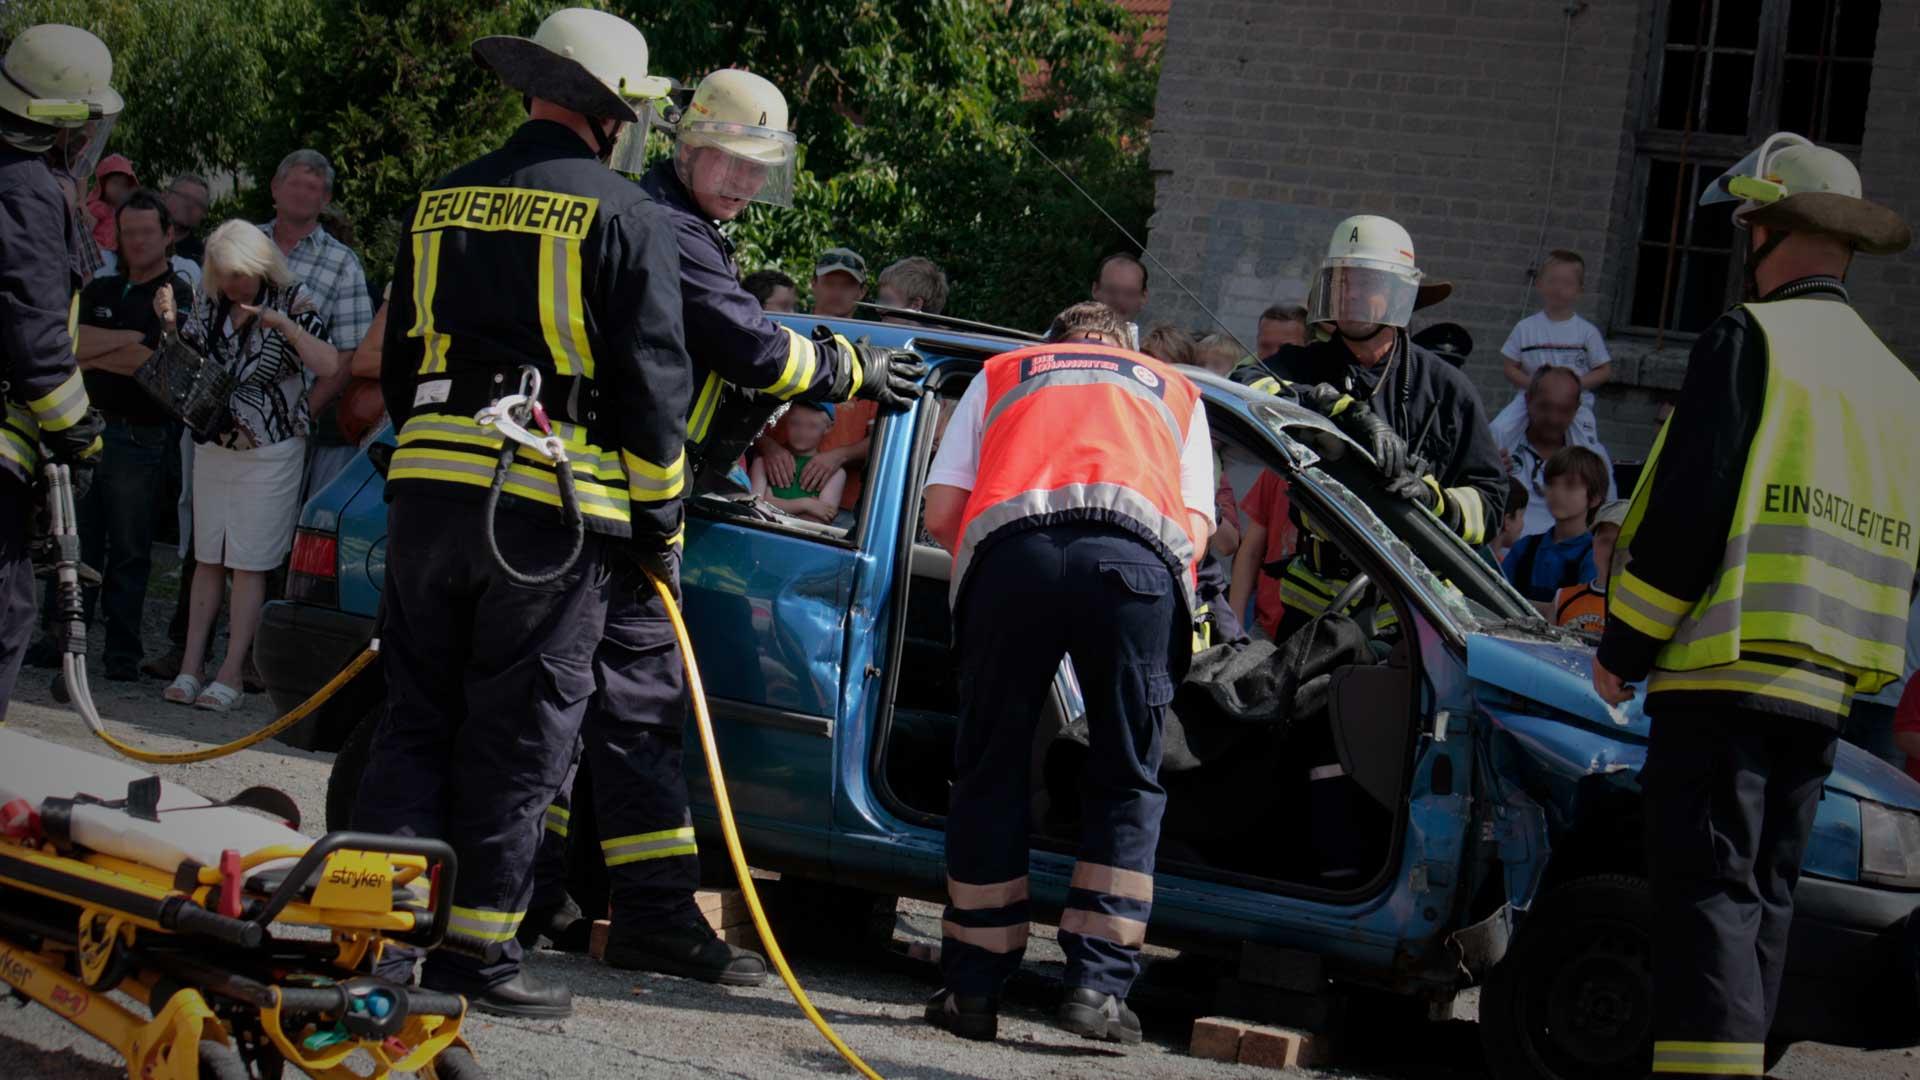 Bild eine Verkehrsunfalles